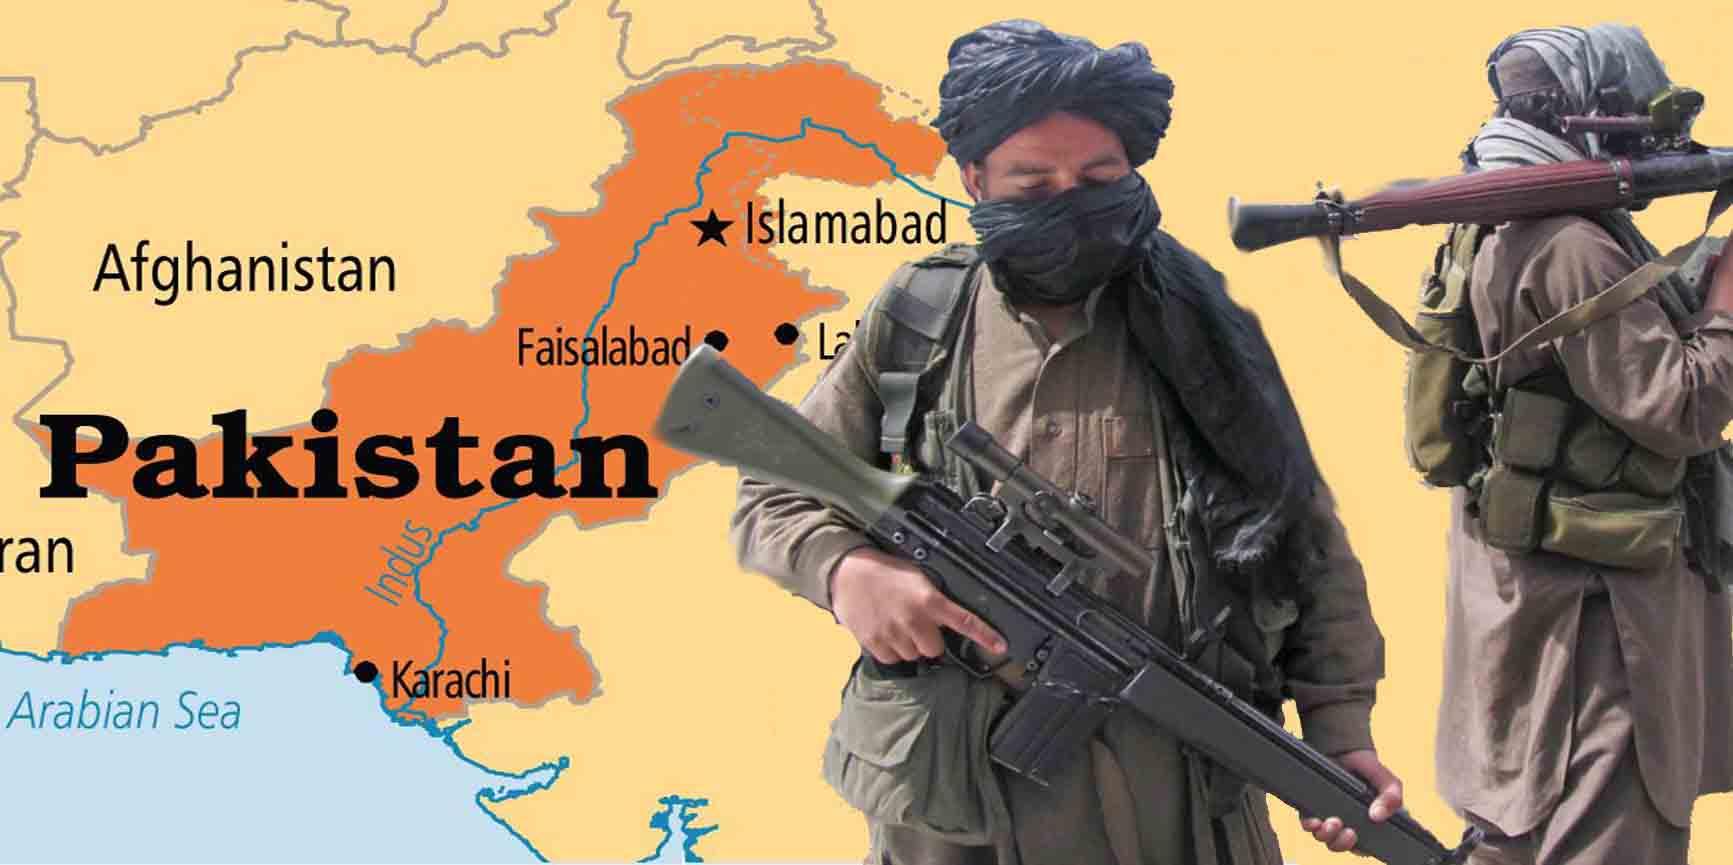 طالبان پاکستان - The Direct Role Pakistan Plays in Expanding Afghanistan's Security Crises